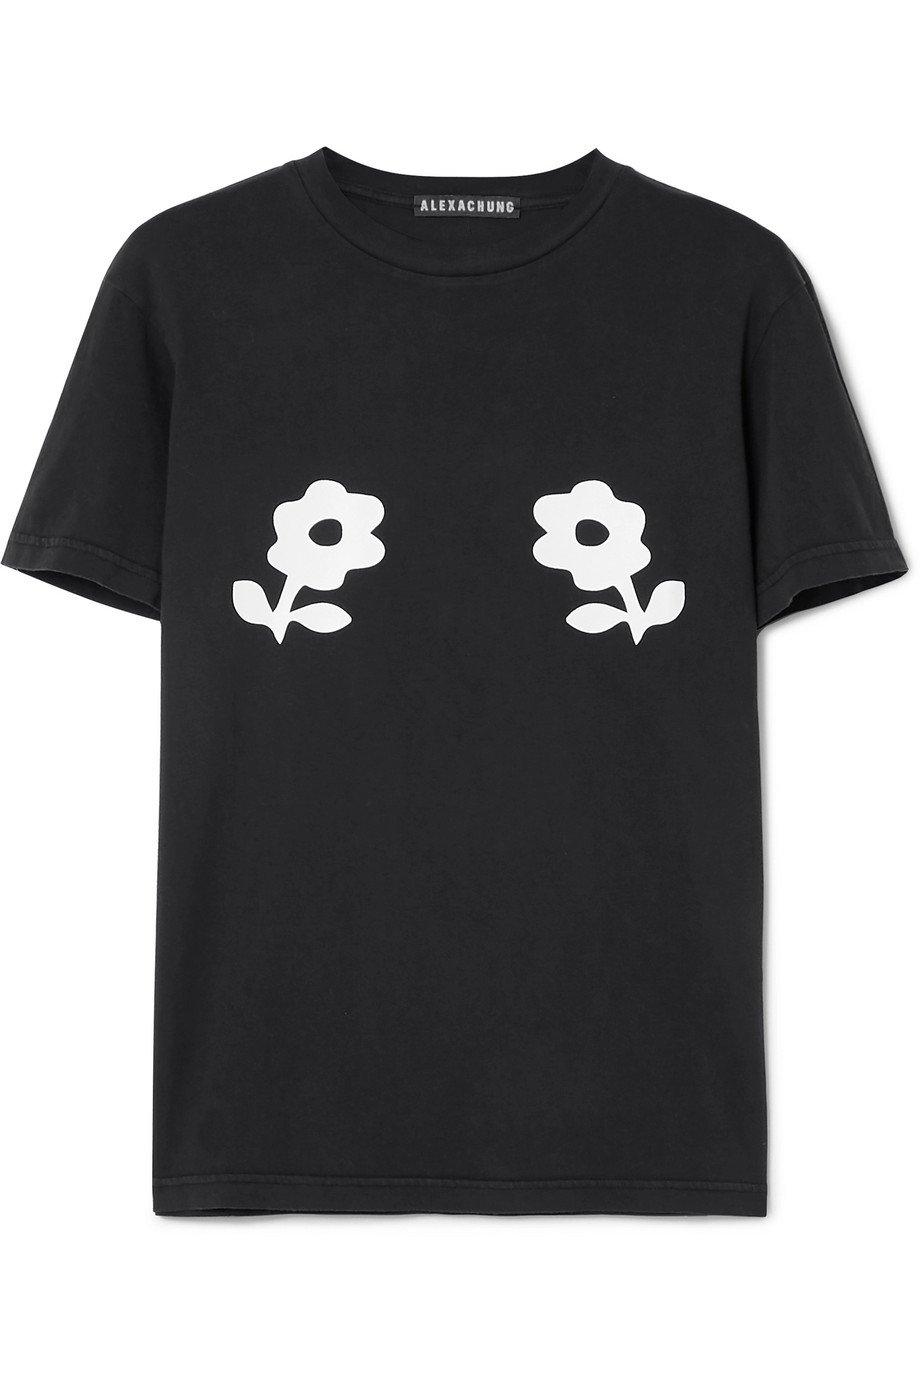 ALEXACHUNG | Printed cotton-jersey T-shirt | NET-A-PORTER.COM